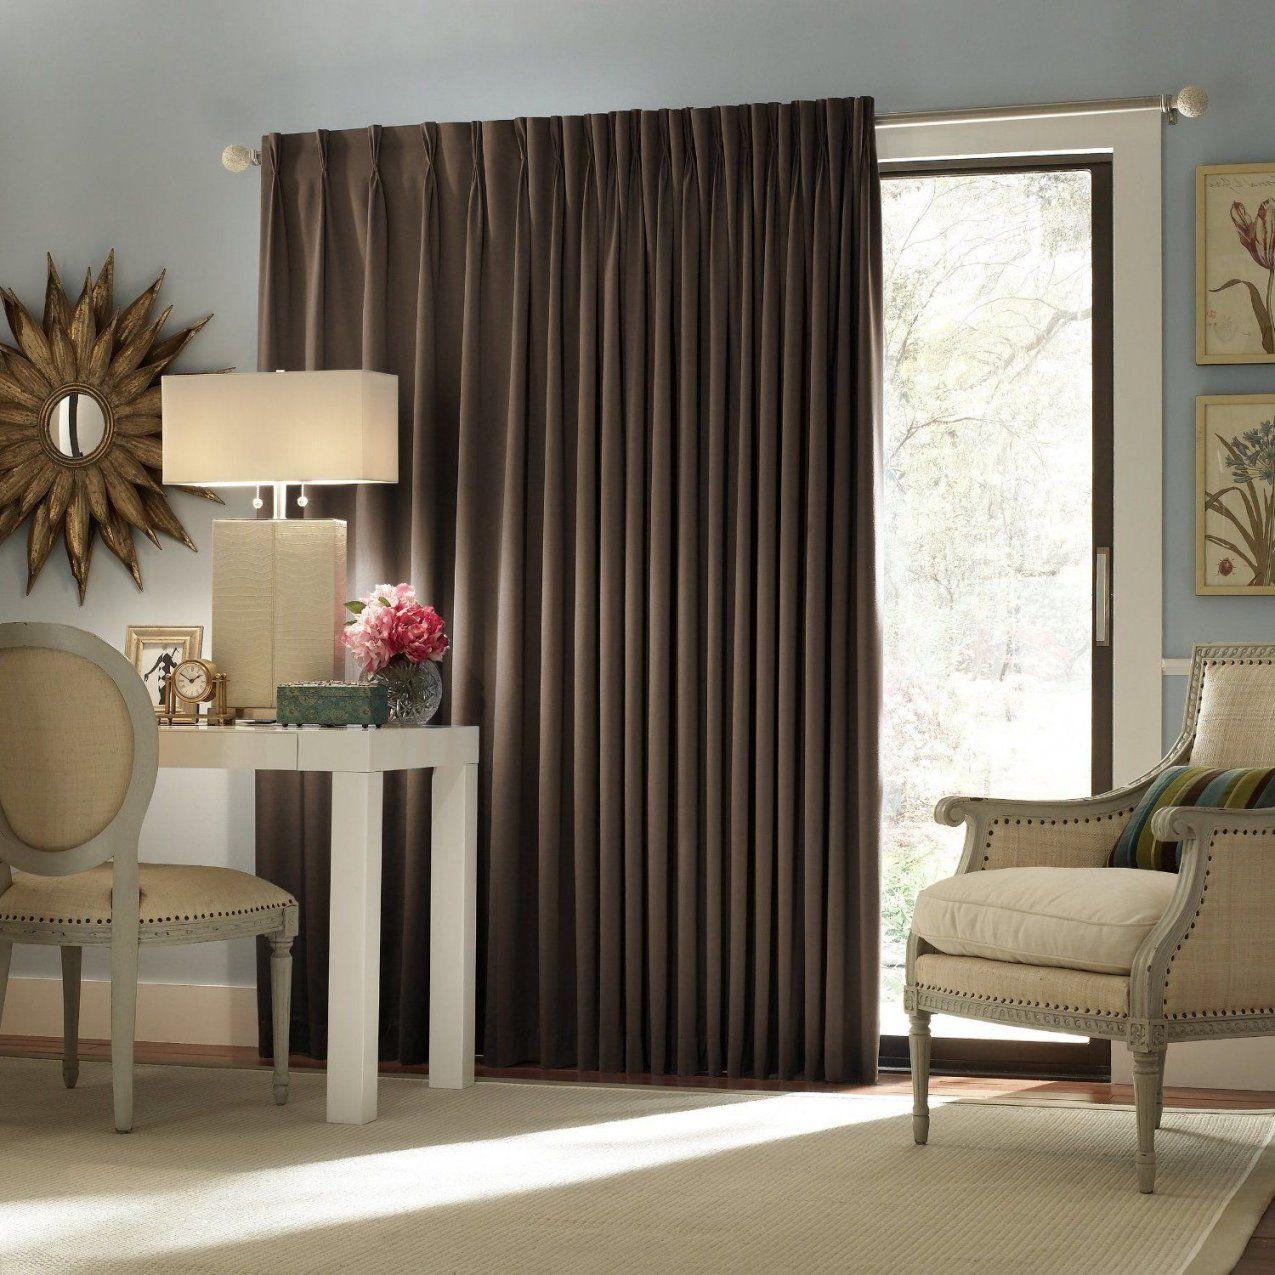 Fenstergestaltung 37 Ideen Für Gardinentrends Und Farbwahl von Fenstergestaltung Mit Gardinen Beispiele Bild